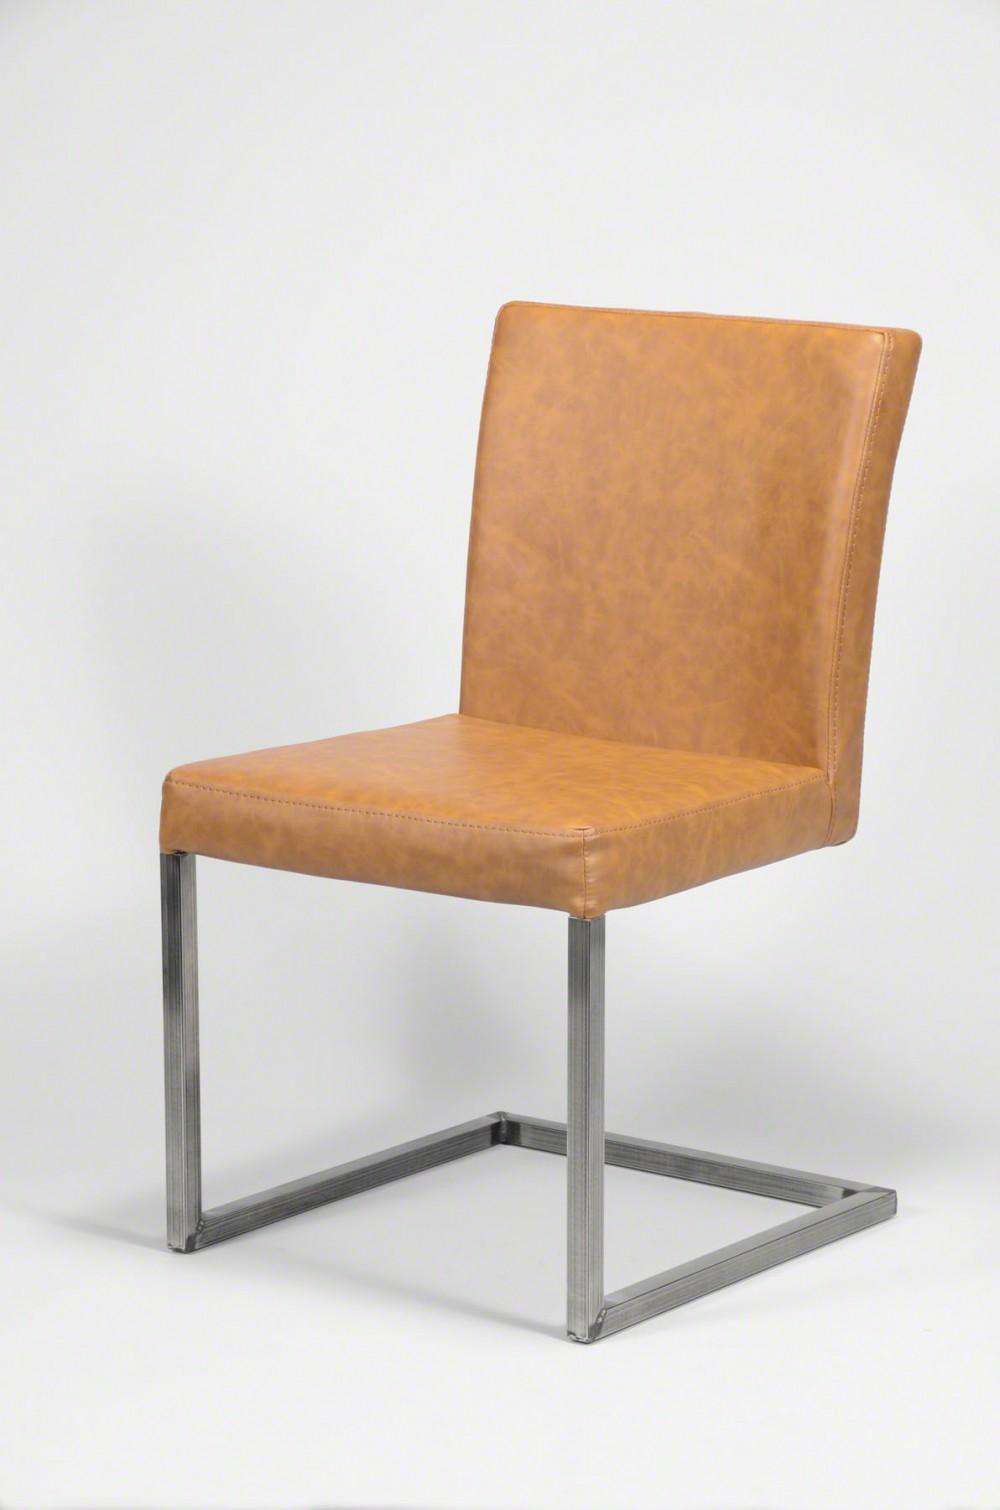 Stuhl gepolstert freischwinger kunstleder braun for Stuhl gepolstert